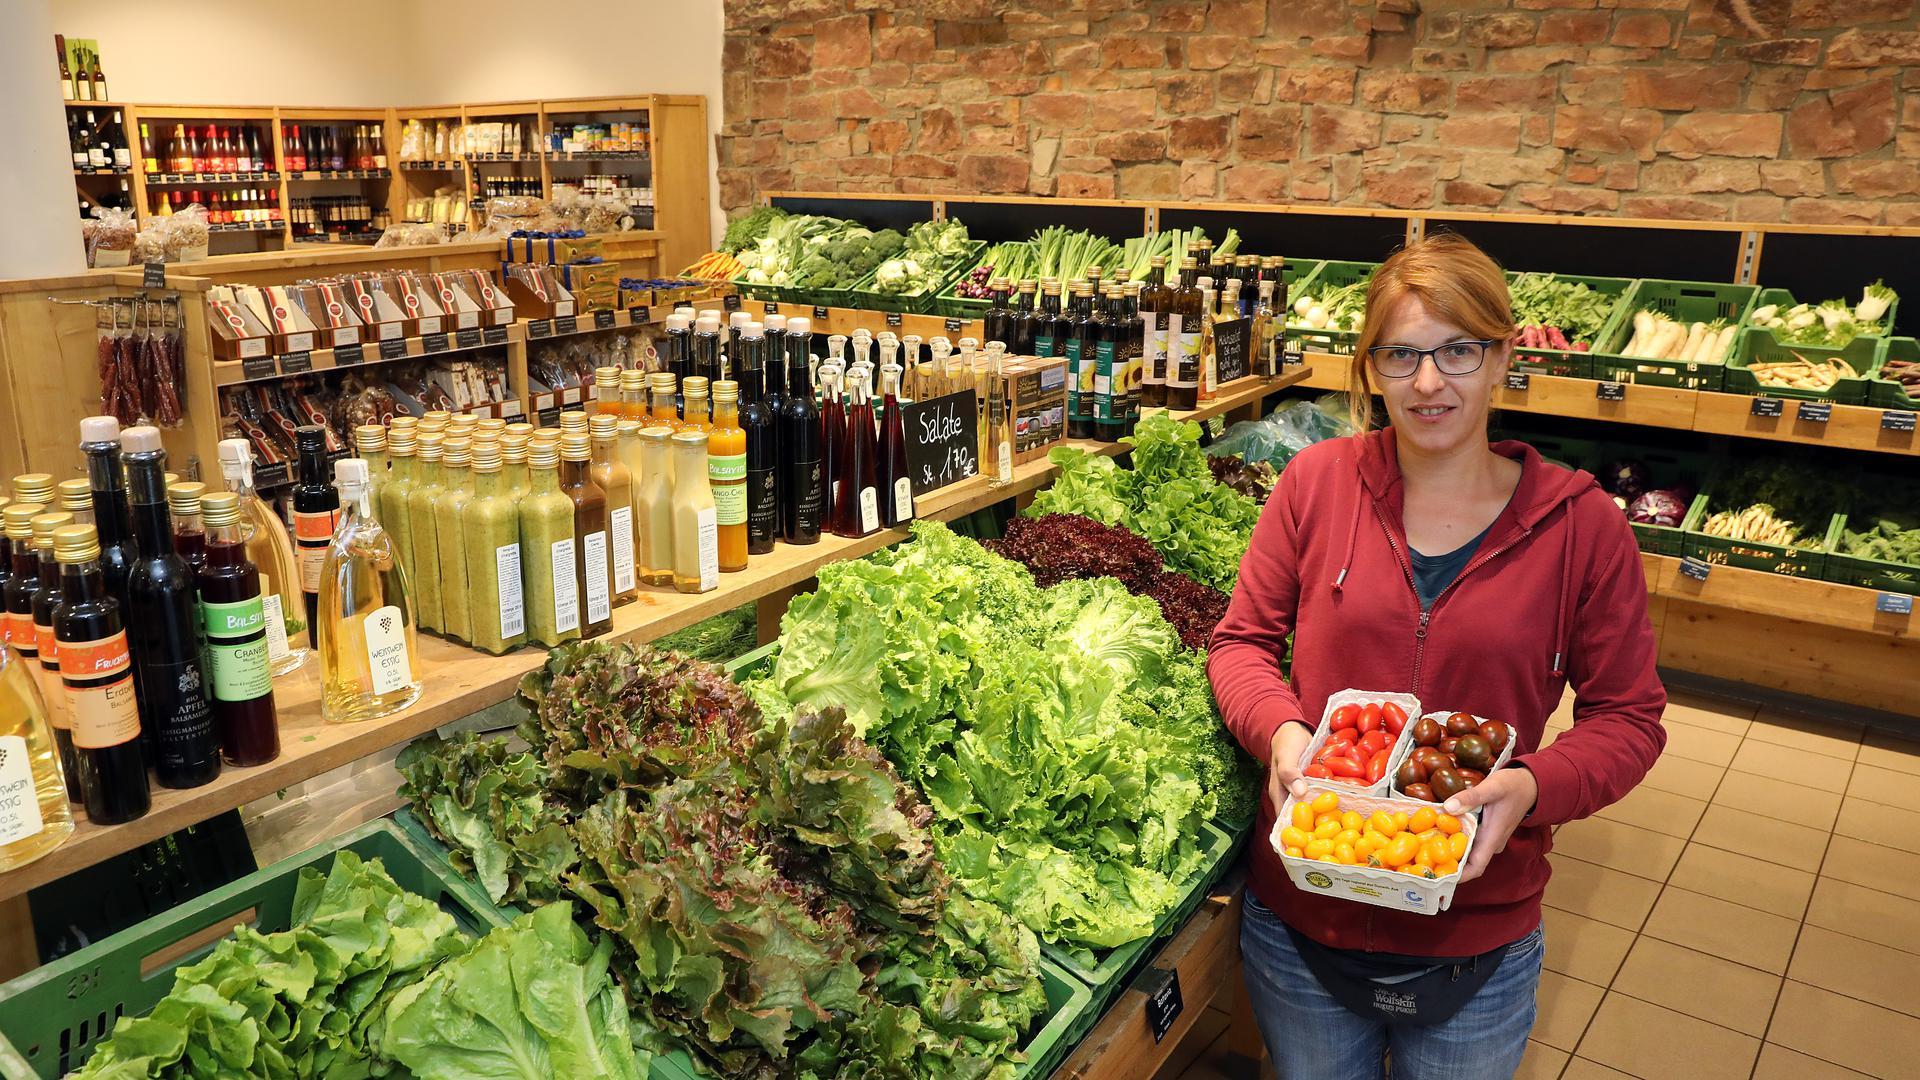 Im Hofladen Kraut und Rüben in Durlach-Aue zeigt die Inhaberin Nadine Link bunte Cocktailtomaten aus eigenem Anbau.